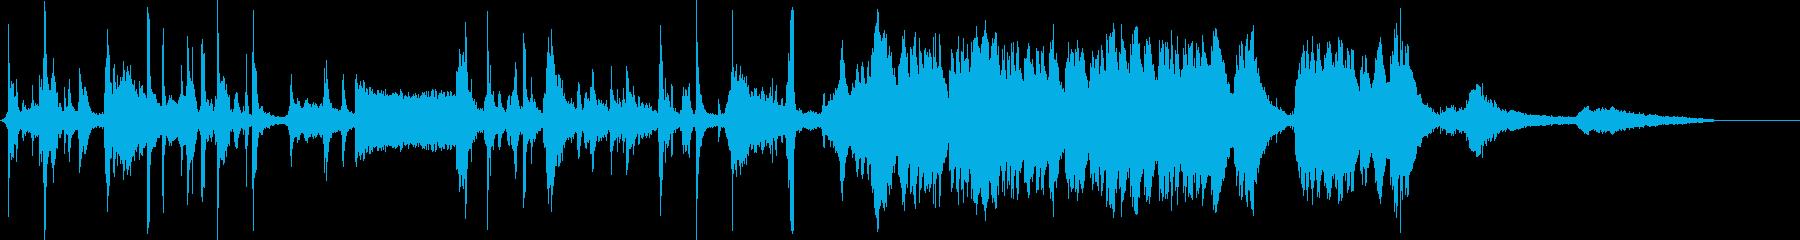 ハロウィーンの夜に再生するサウンド...の再生済みの波形